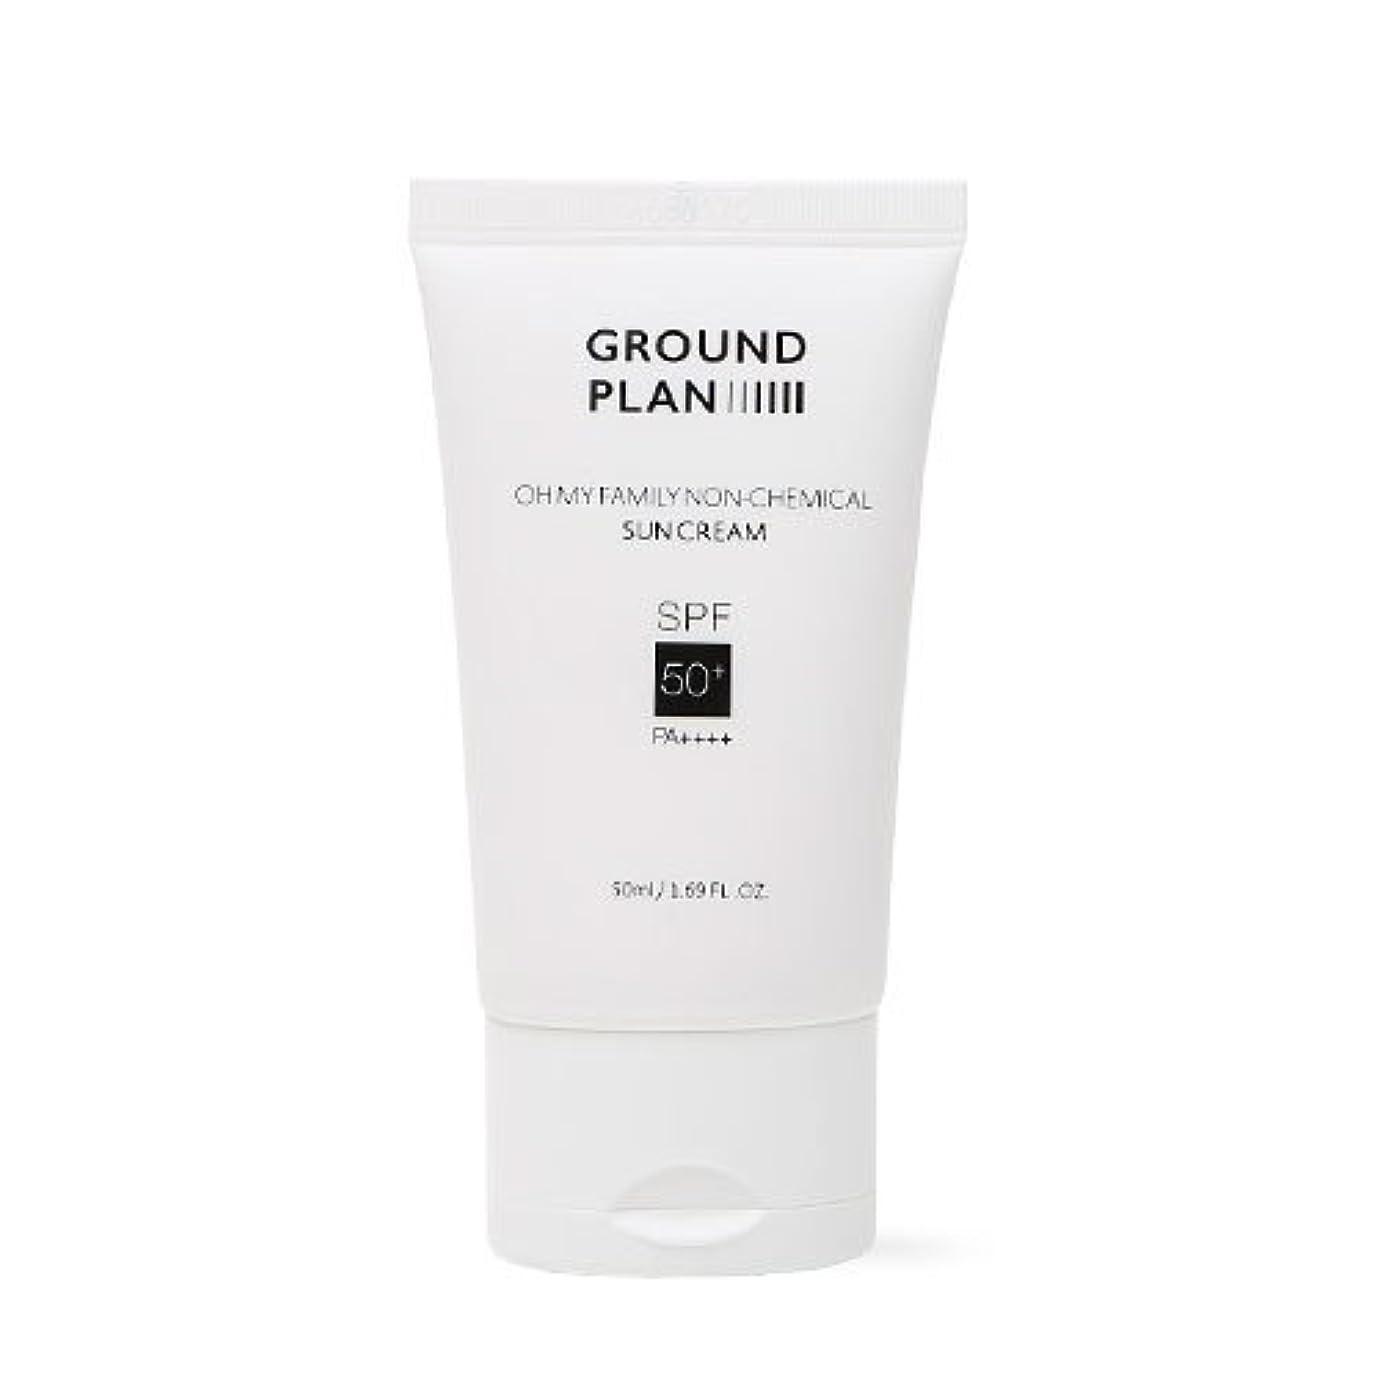 ブラジャーウィザードの間に[GROUND PLAN] Oh My Family Non-Chemical Sun Cream 50ml グラウンドプランファミリーノンケミカルサンクリーム [並行輸入品]